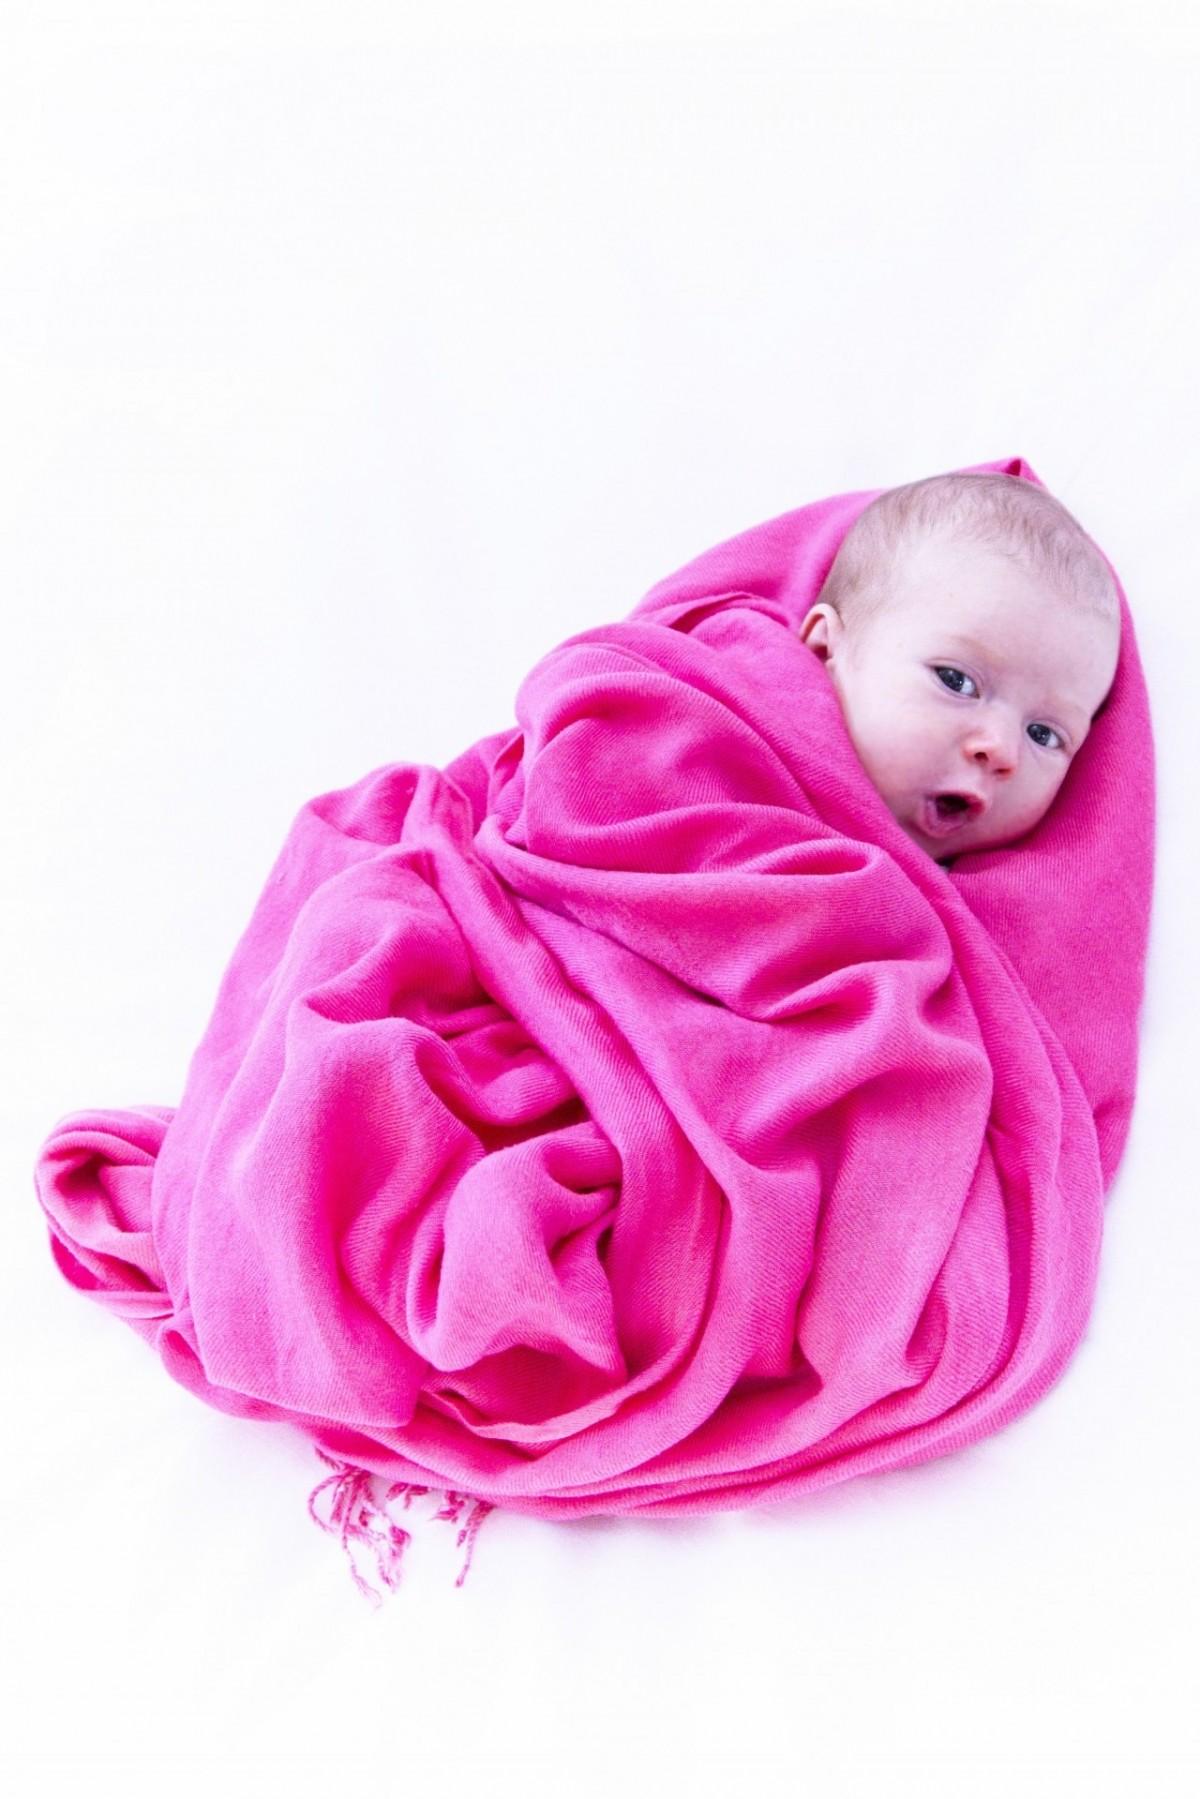 Free Images Girl Petal Pattern Sleeping Clothing